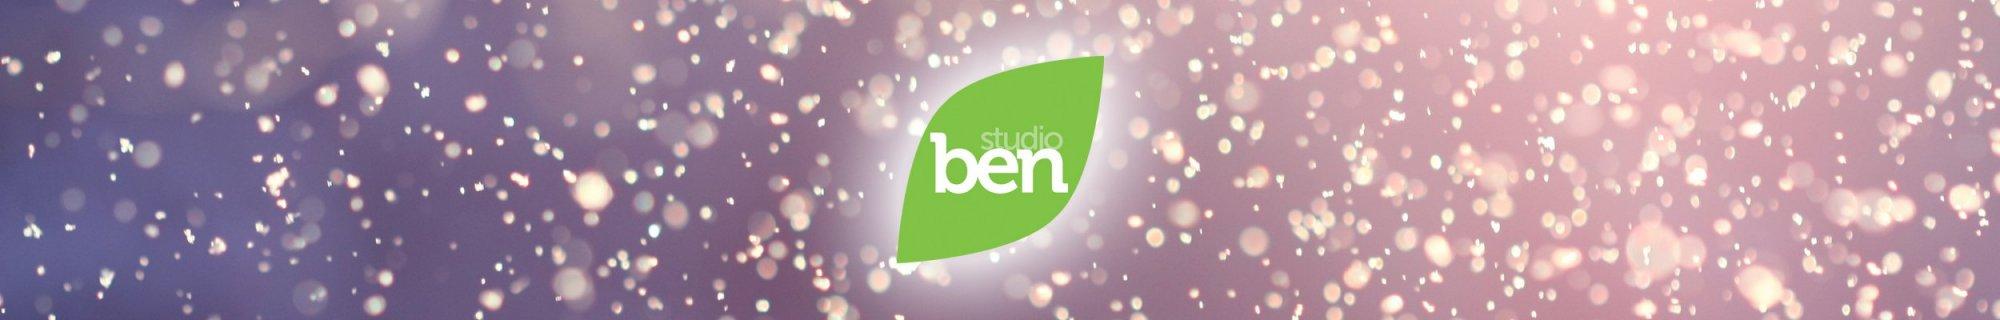 Studio BEN